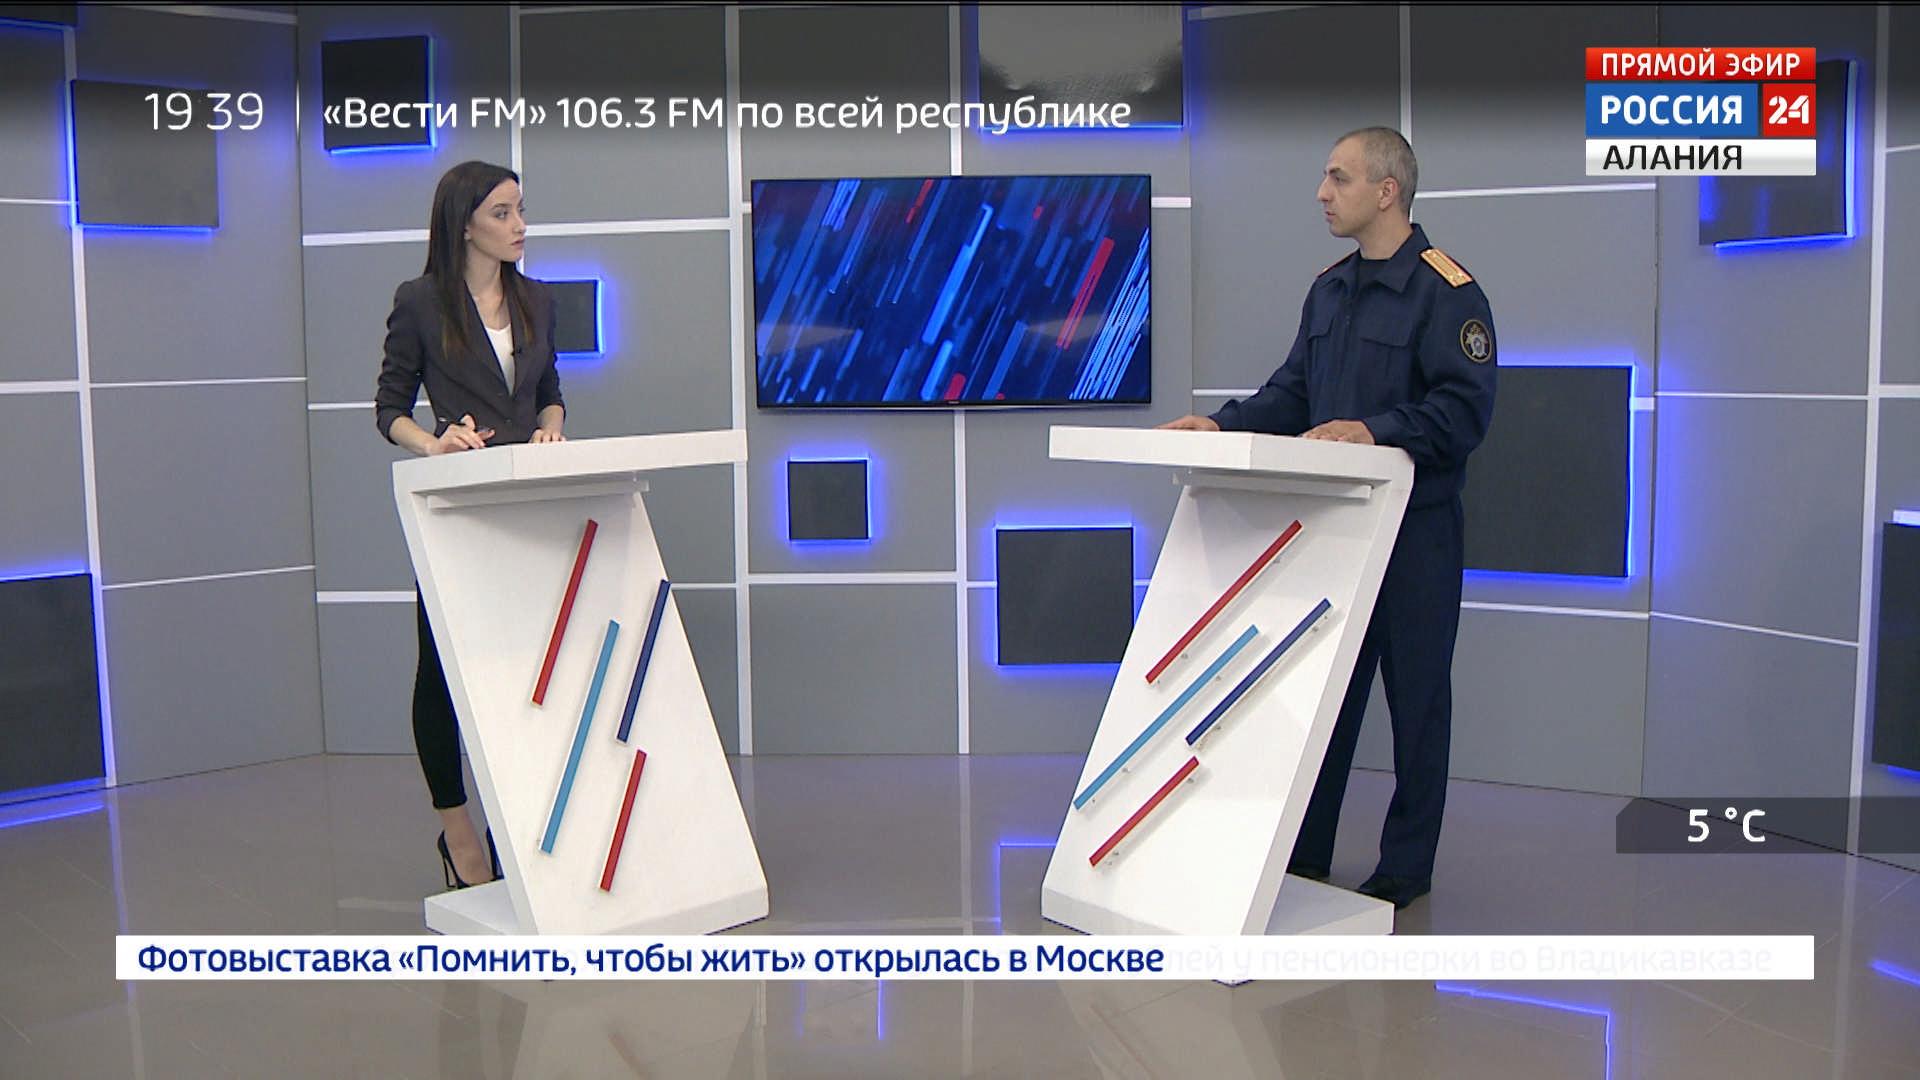 Россия 24. Почему взрослые люди уходят из дома?